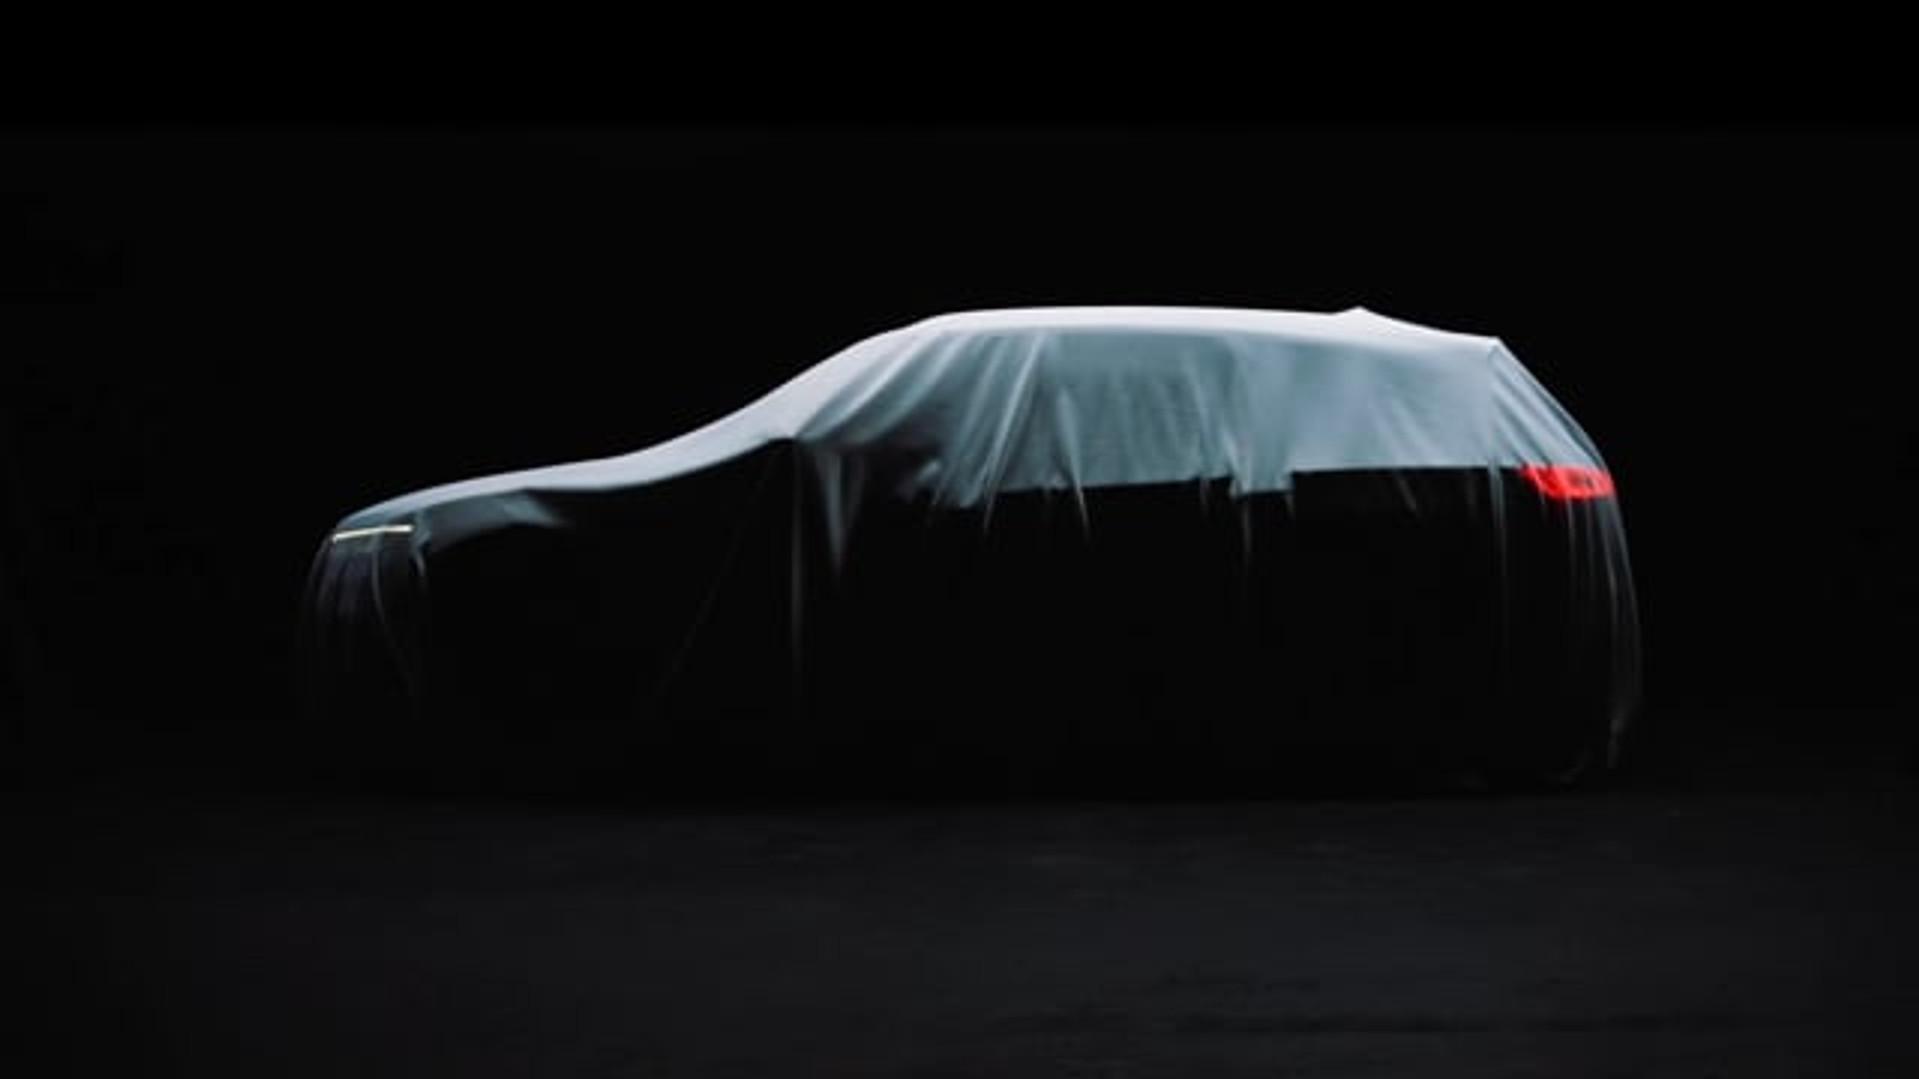 VW - Touareg Teaser